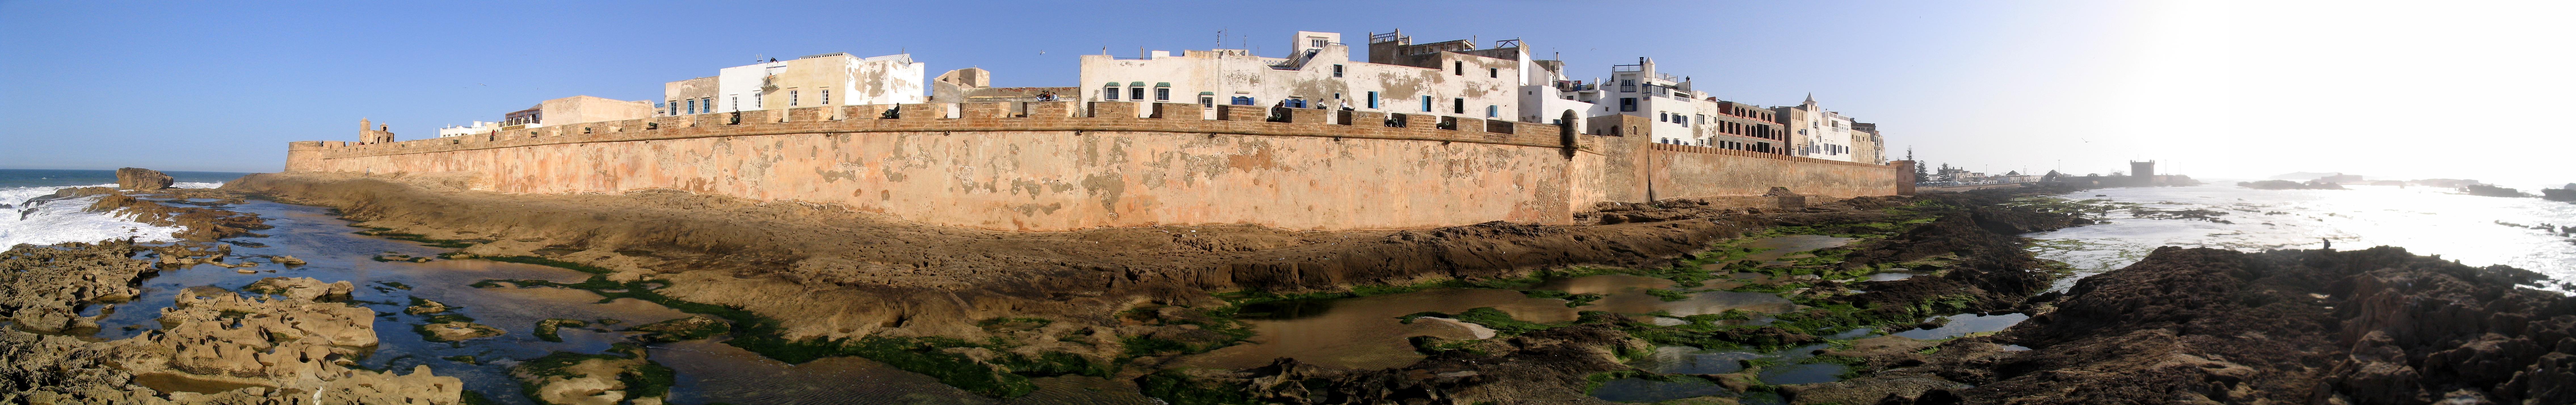 Côte d'Essaouira